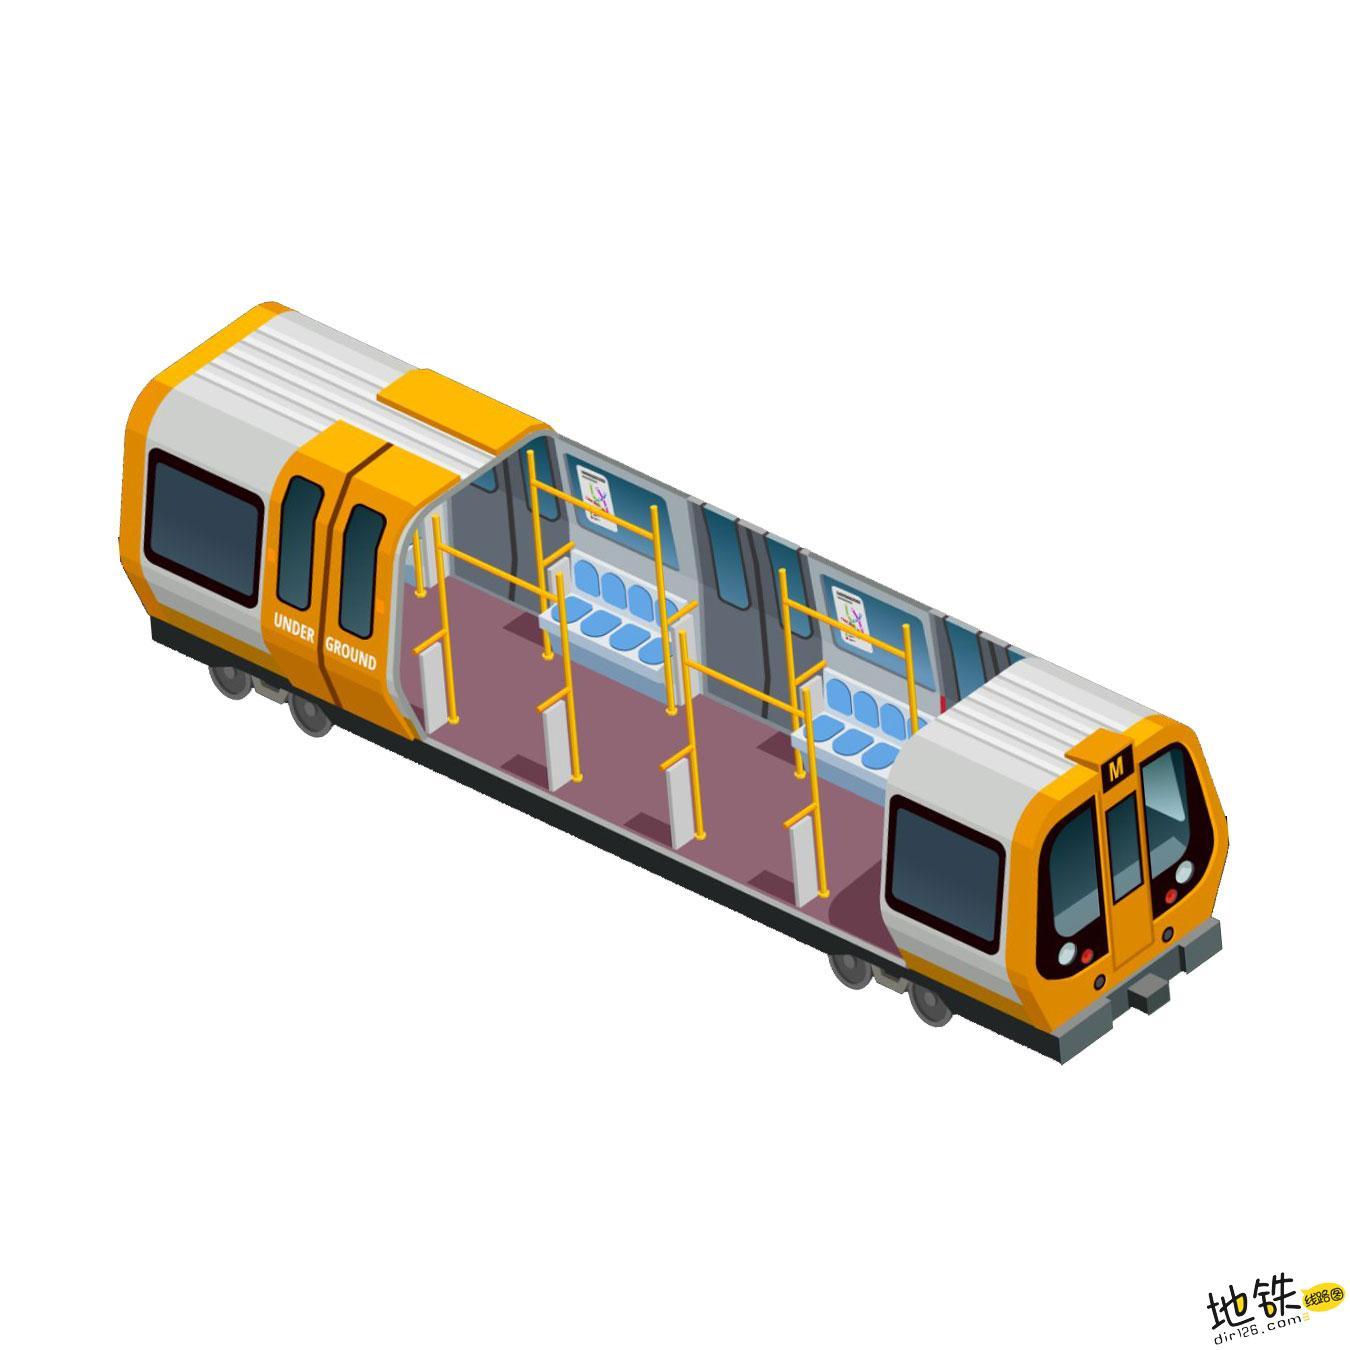 浅析轨道交通地铁列车的基本构造